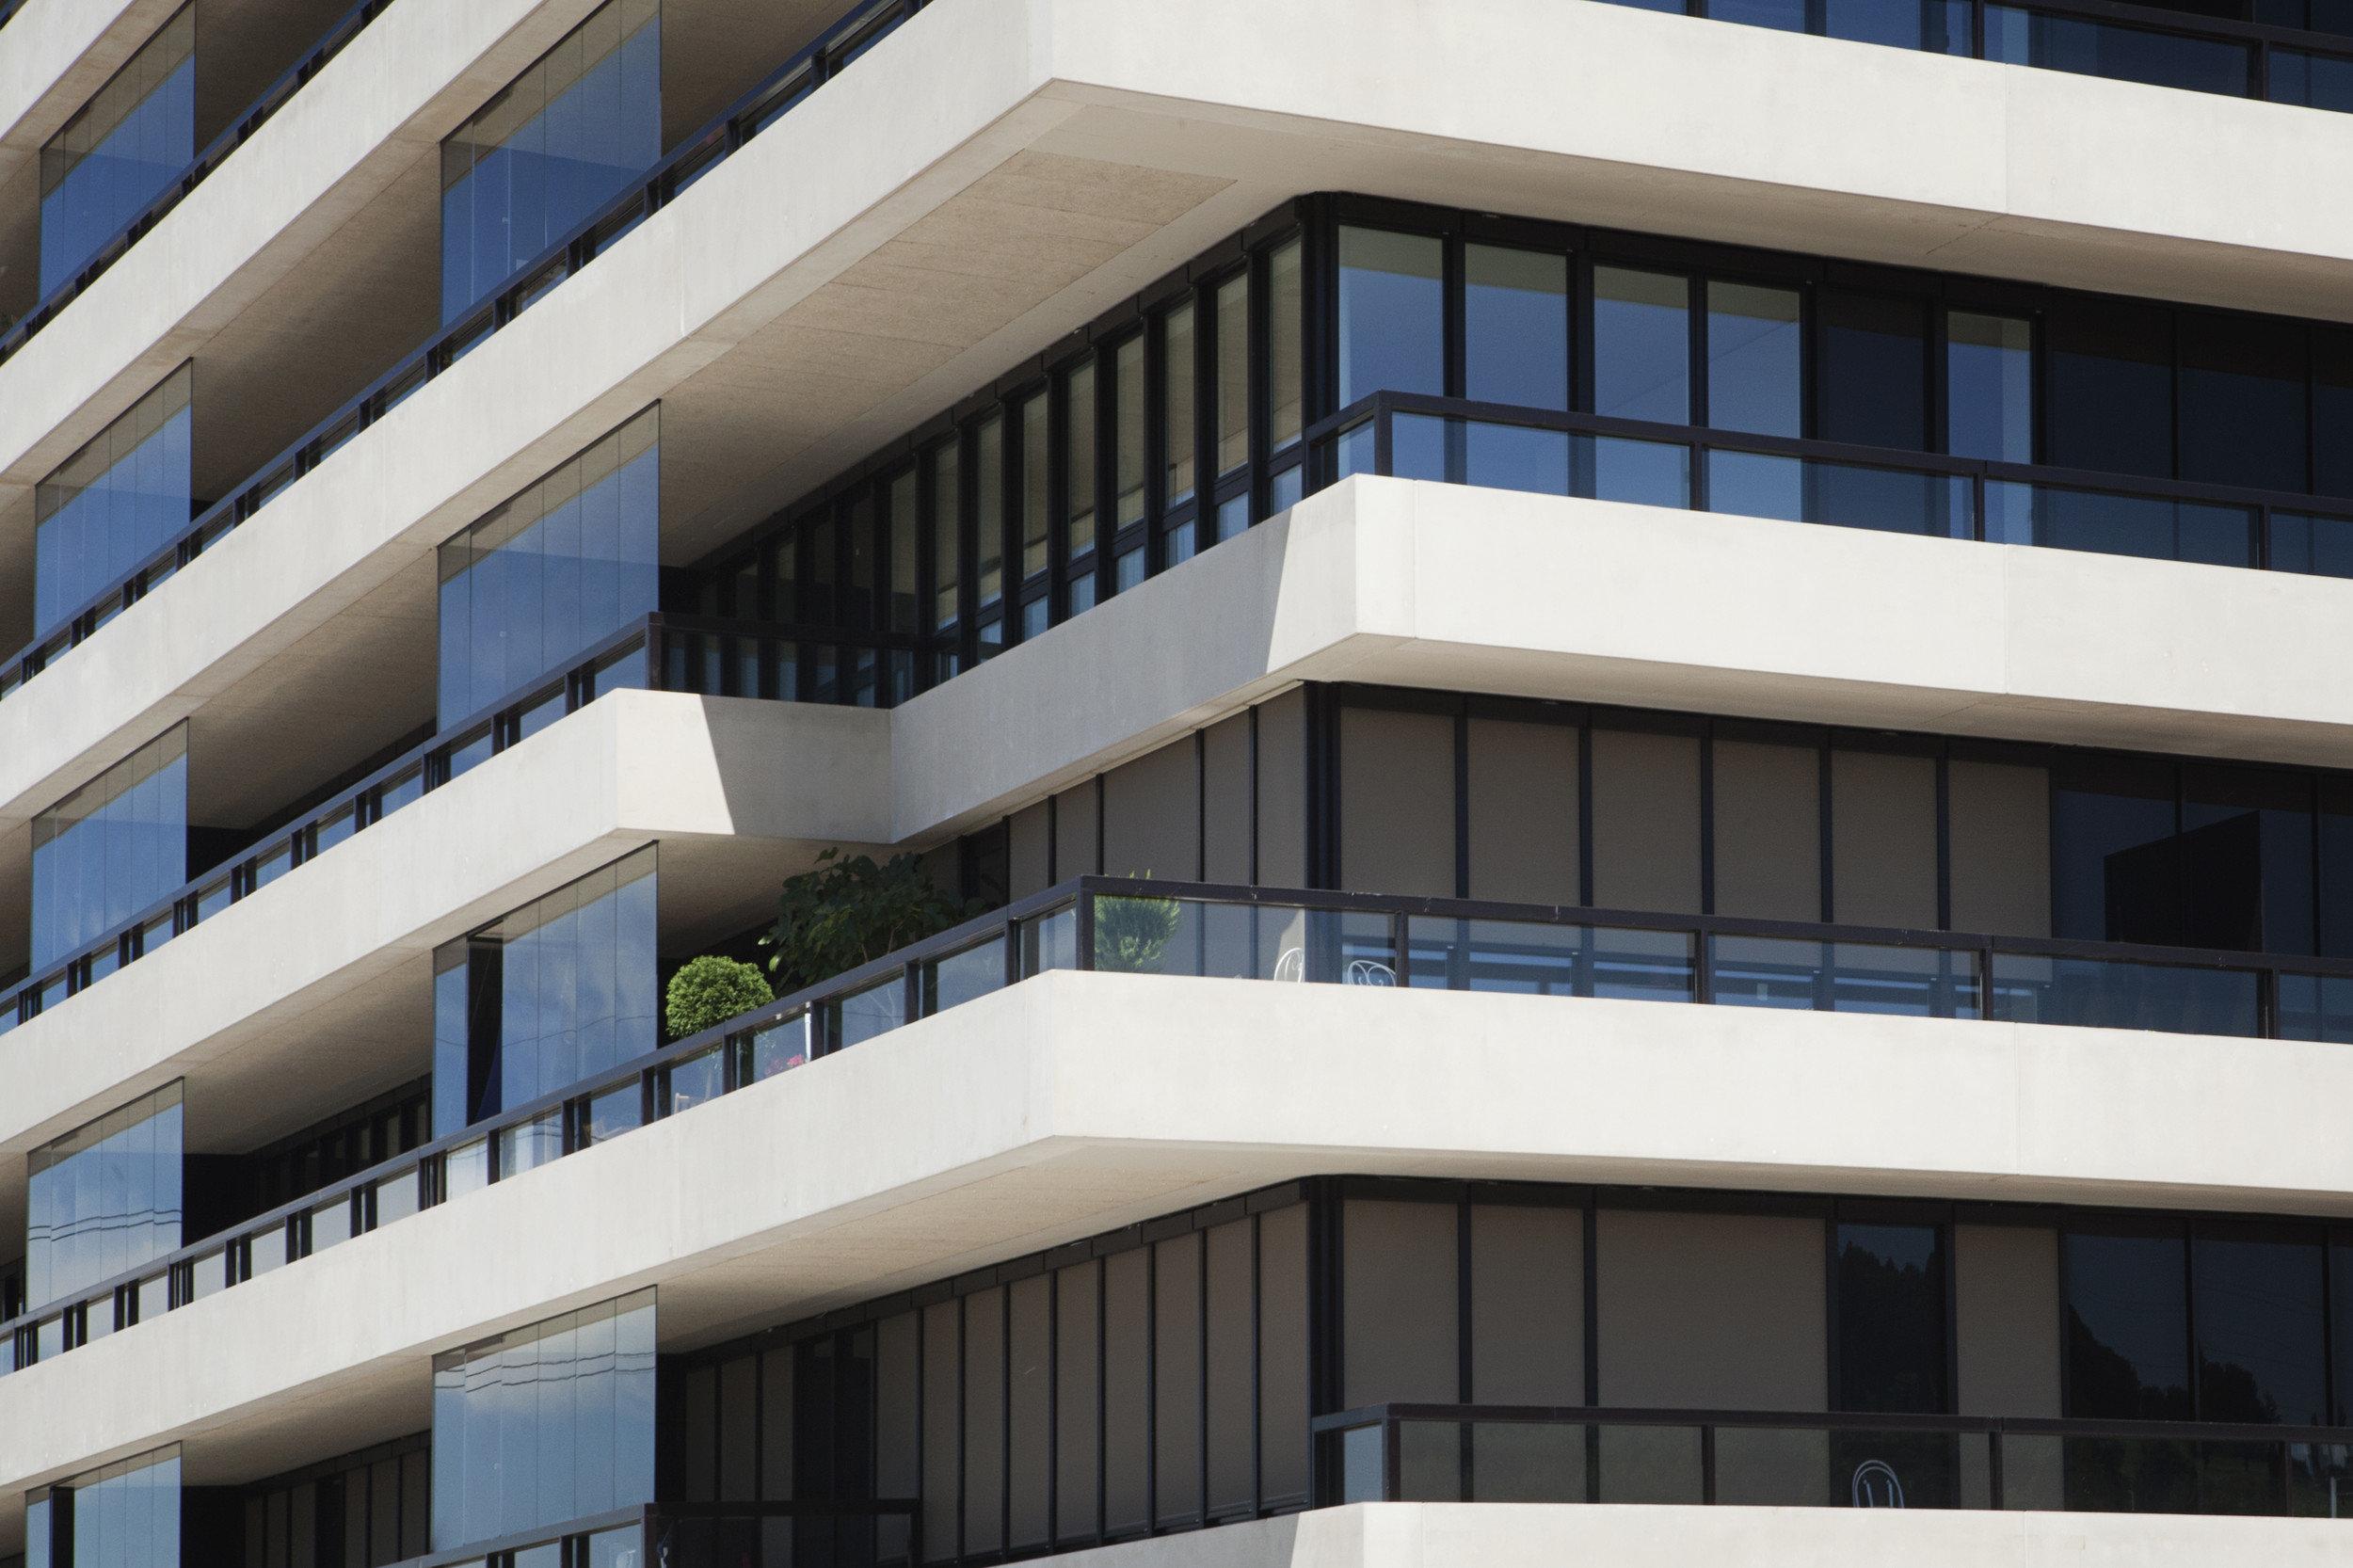 Eckansicht Hochhaus mit gleichmässiger Fensterfront und Fassade im Kontrast